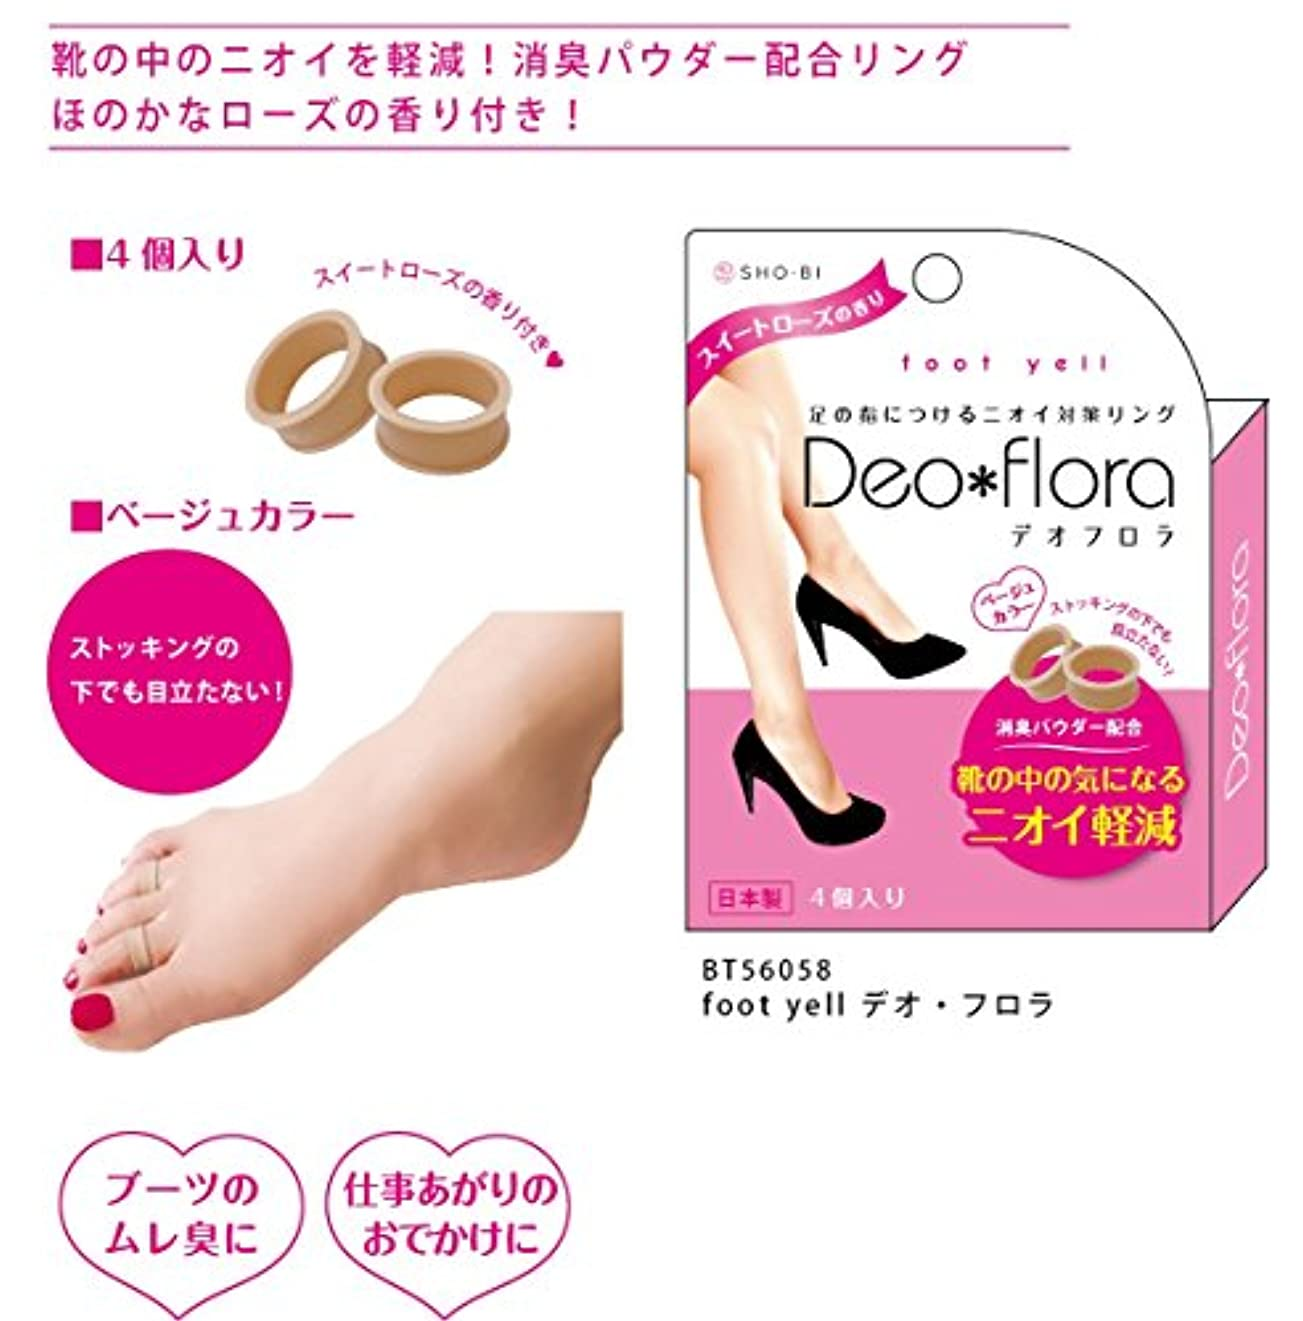 適切に熟す明らかにfoot yell 足指につける消臭リング デオ?フロラ BT56058